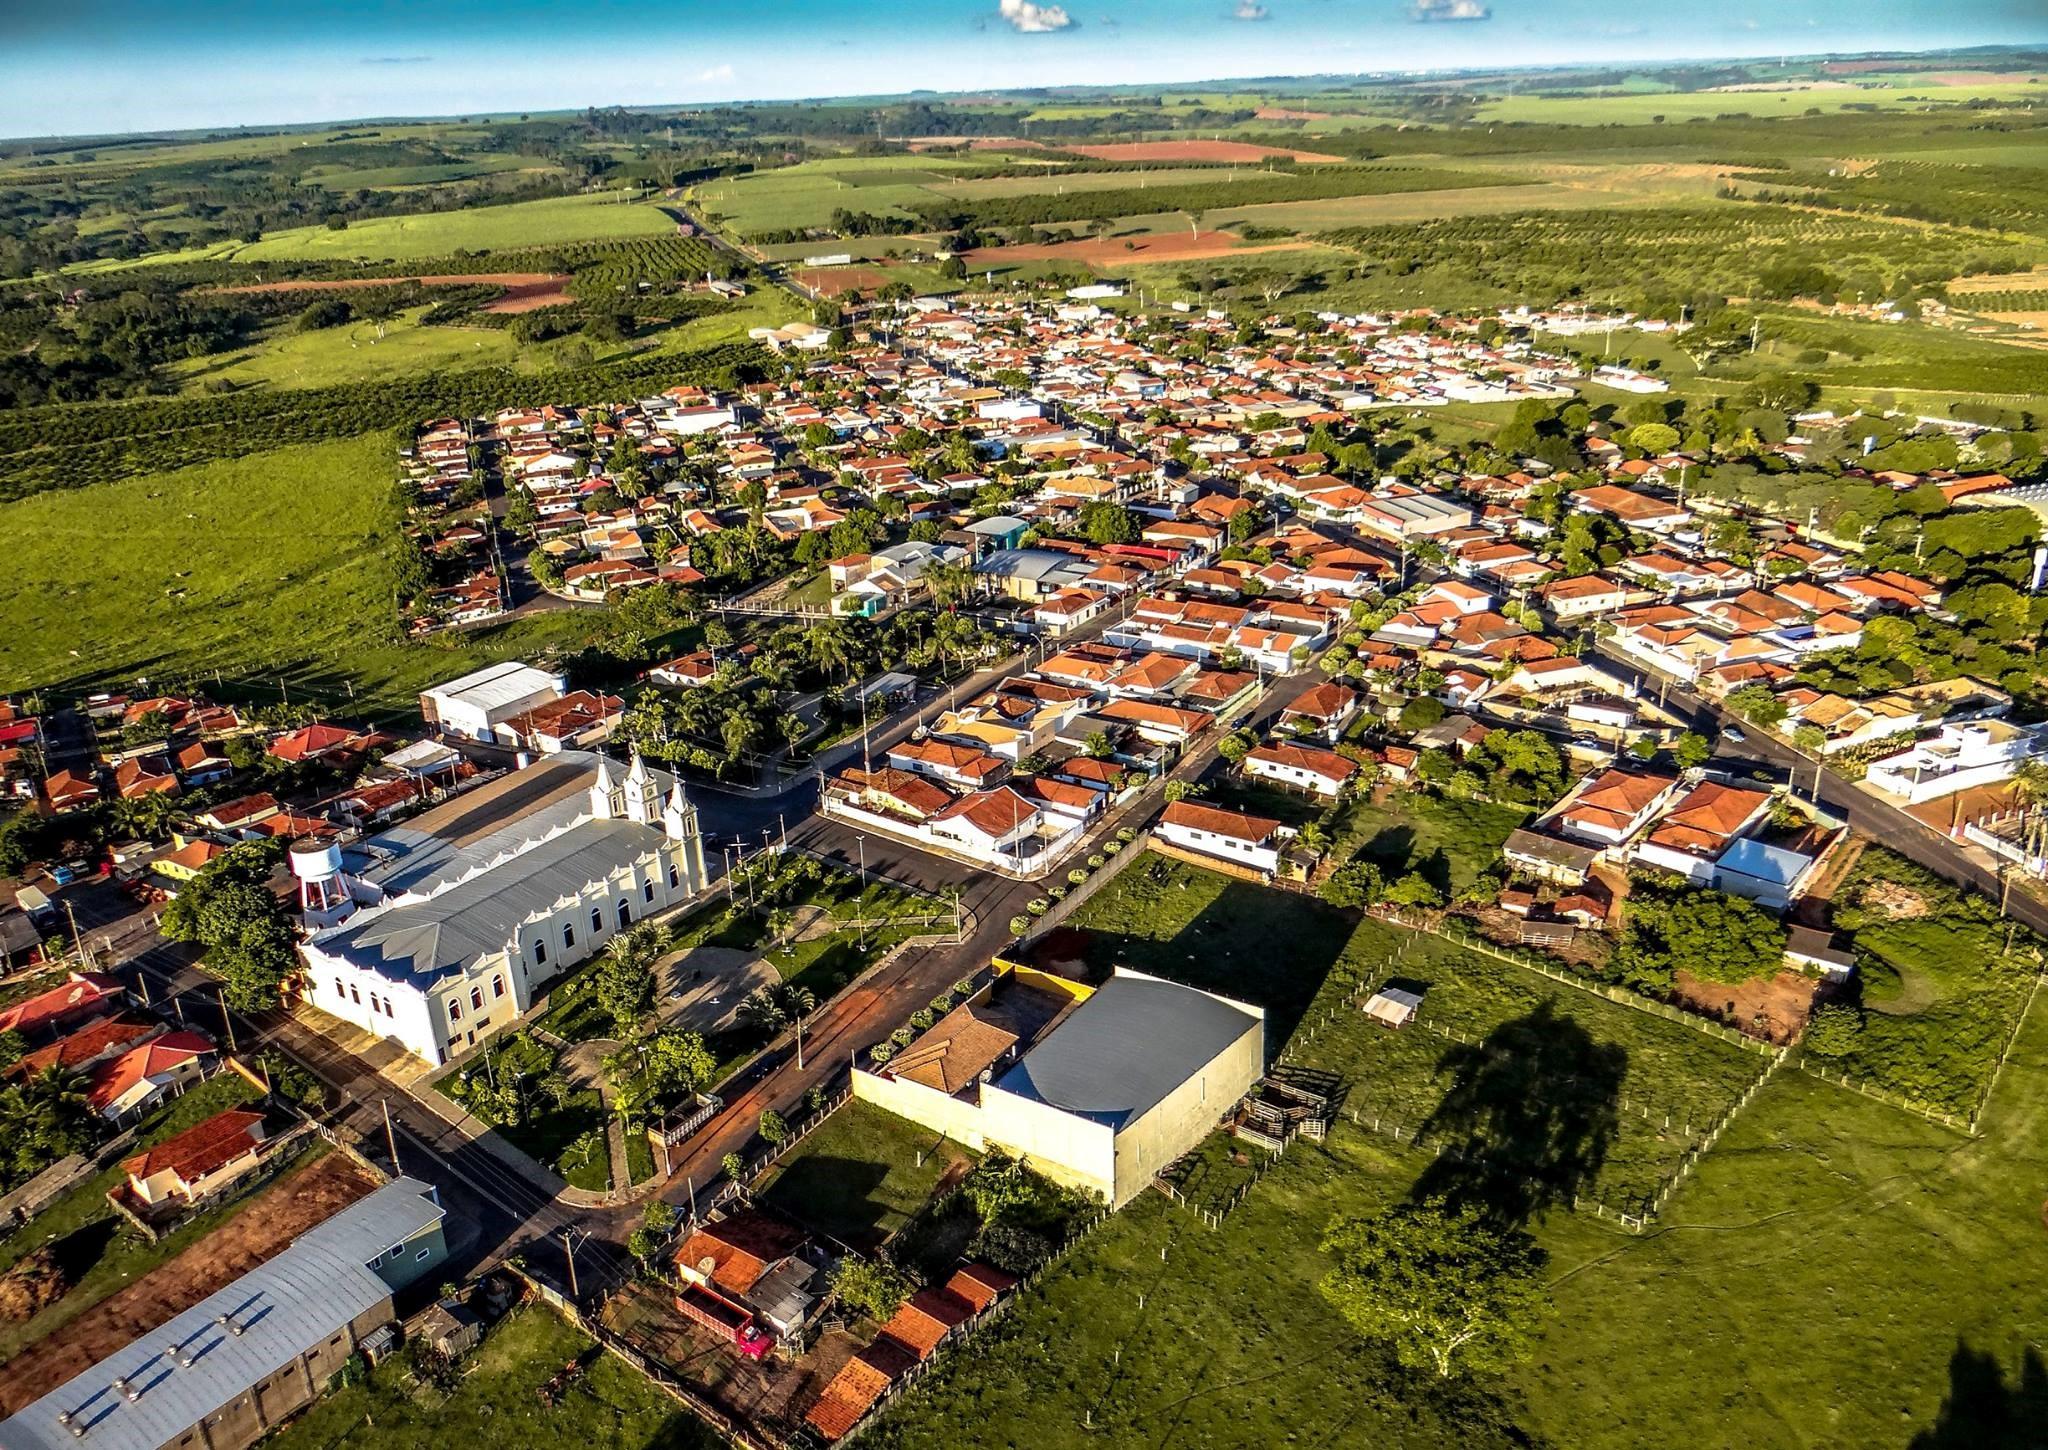 Pindorama São Paulo fonte: photos.wikimapia.org